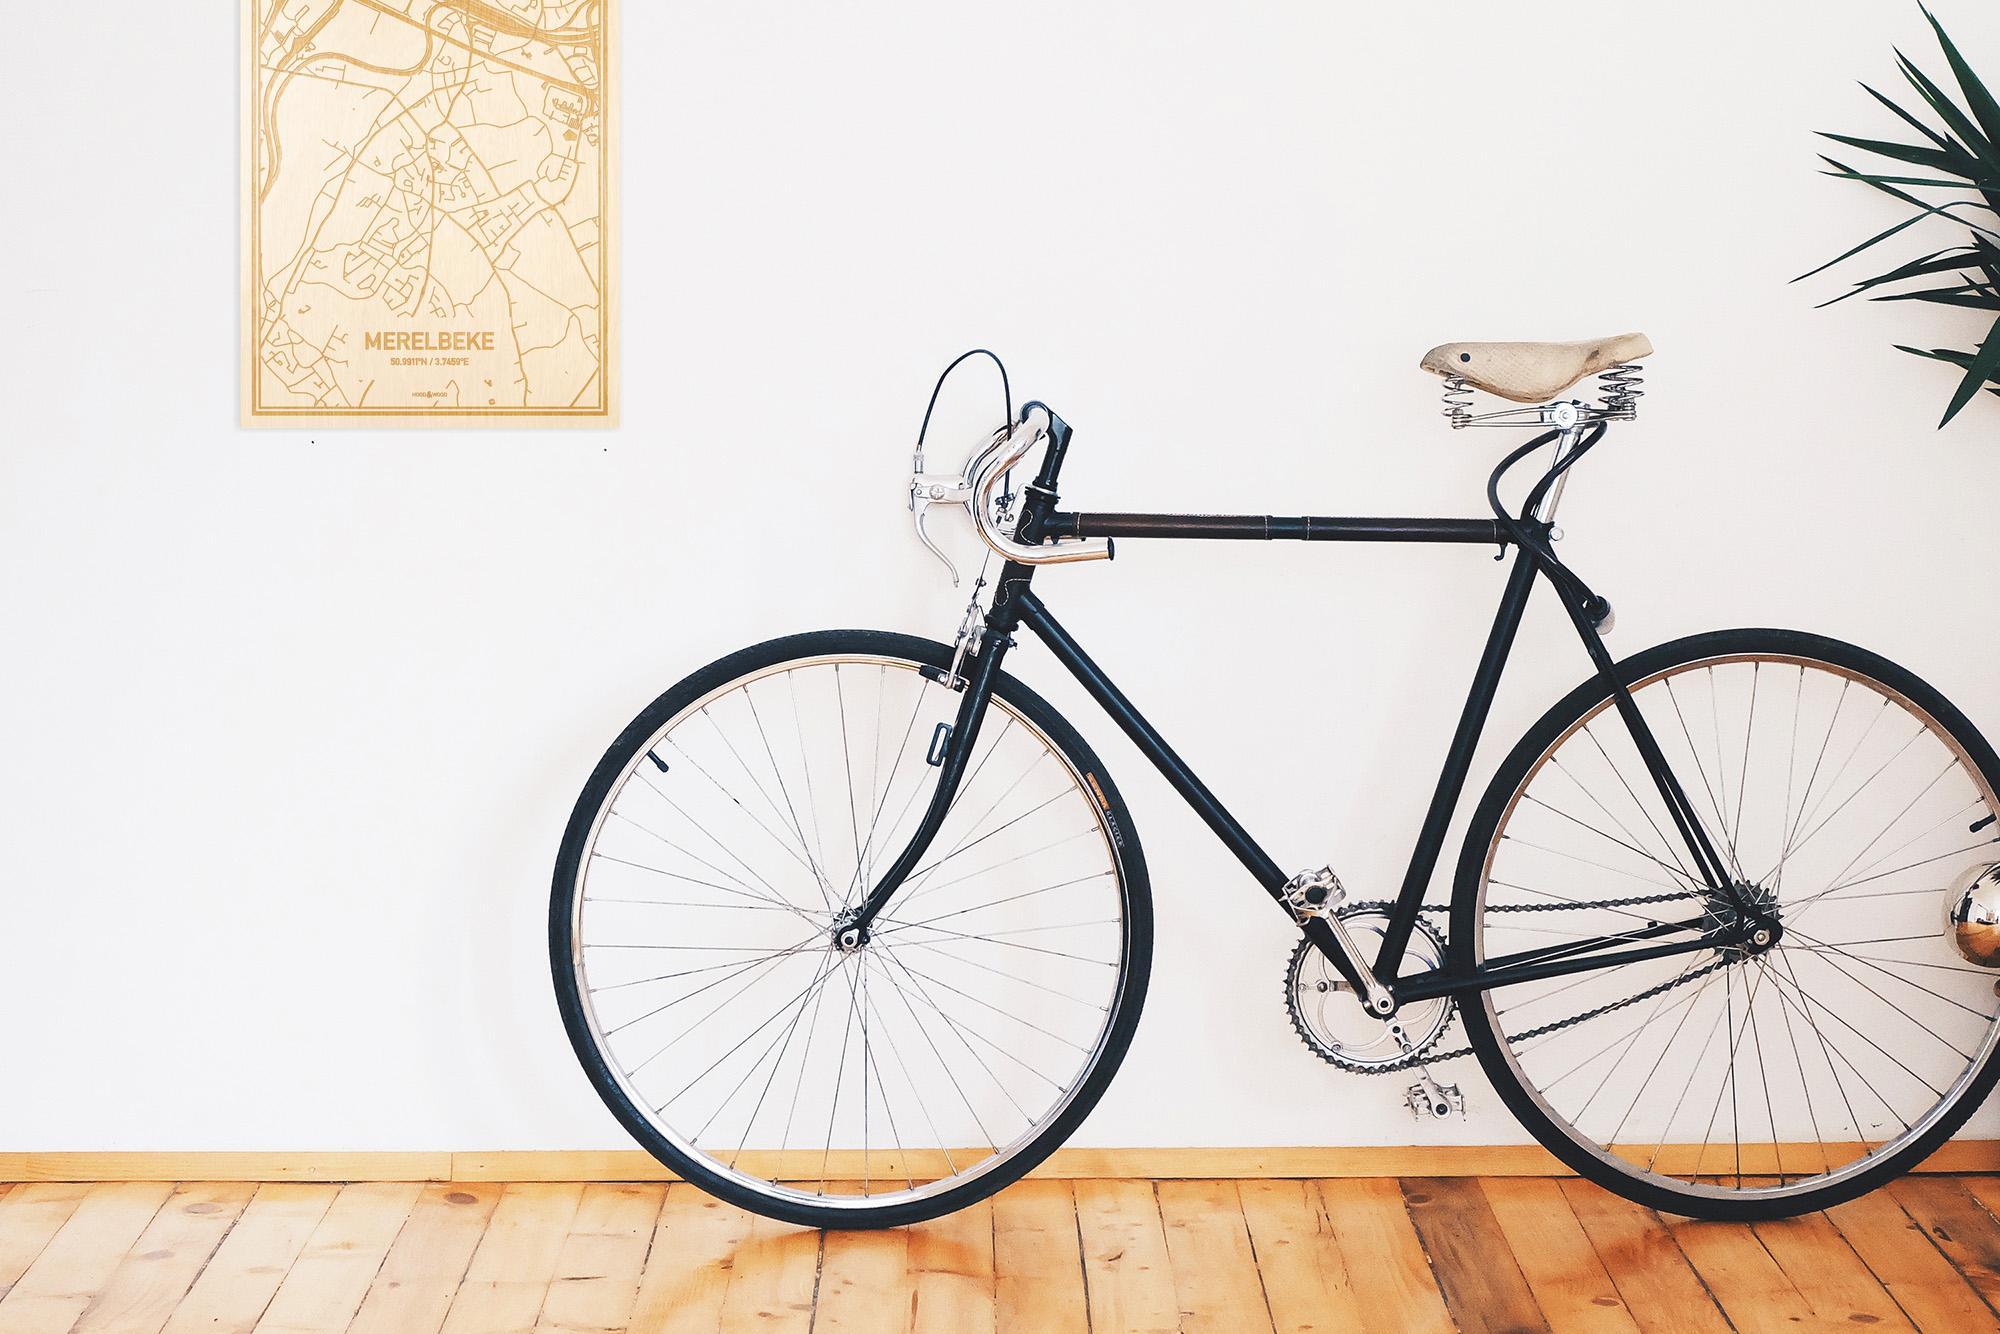 Een snelle fiets in een uniek interieur in Oost-Vlaanderen  met mooie decoratie zoals de plattegrond Merelbeke.